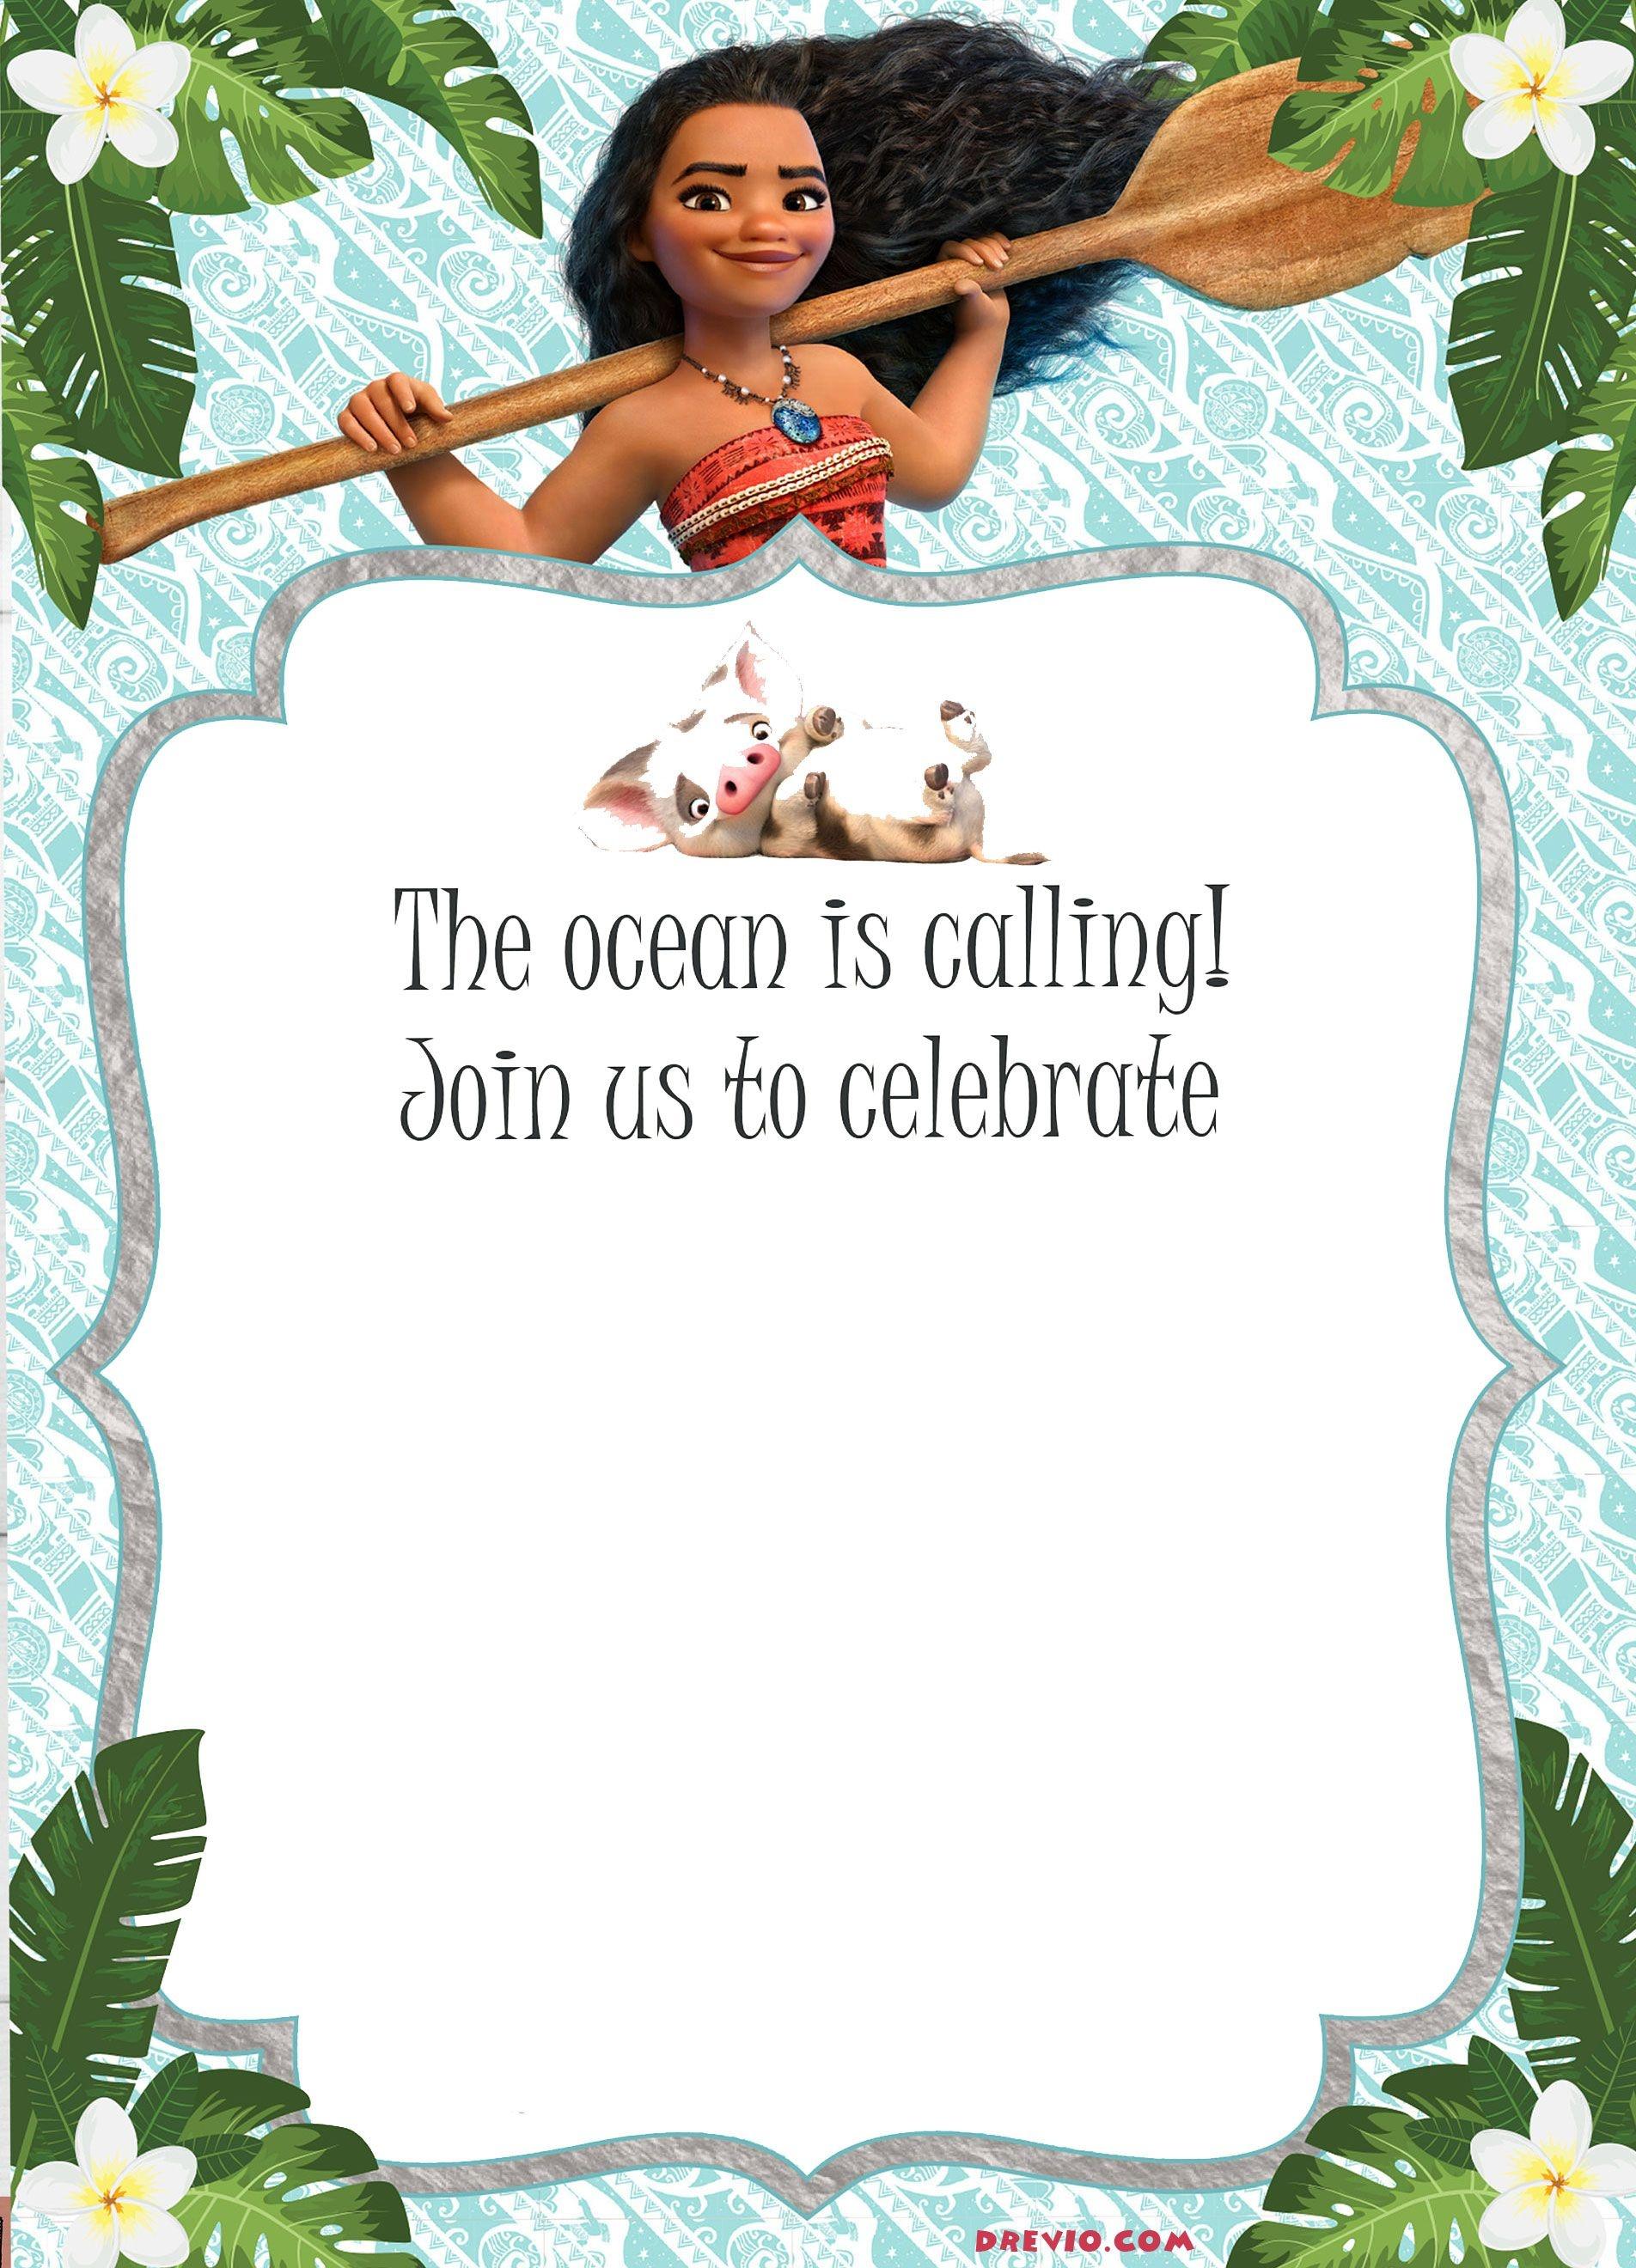 Free Moana Birthday Invitation Template   Moana / Luau Themed - Free Printable Moana Invitations